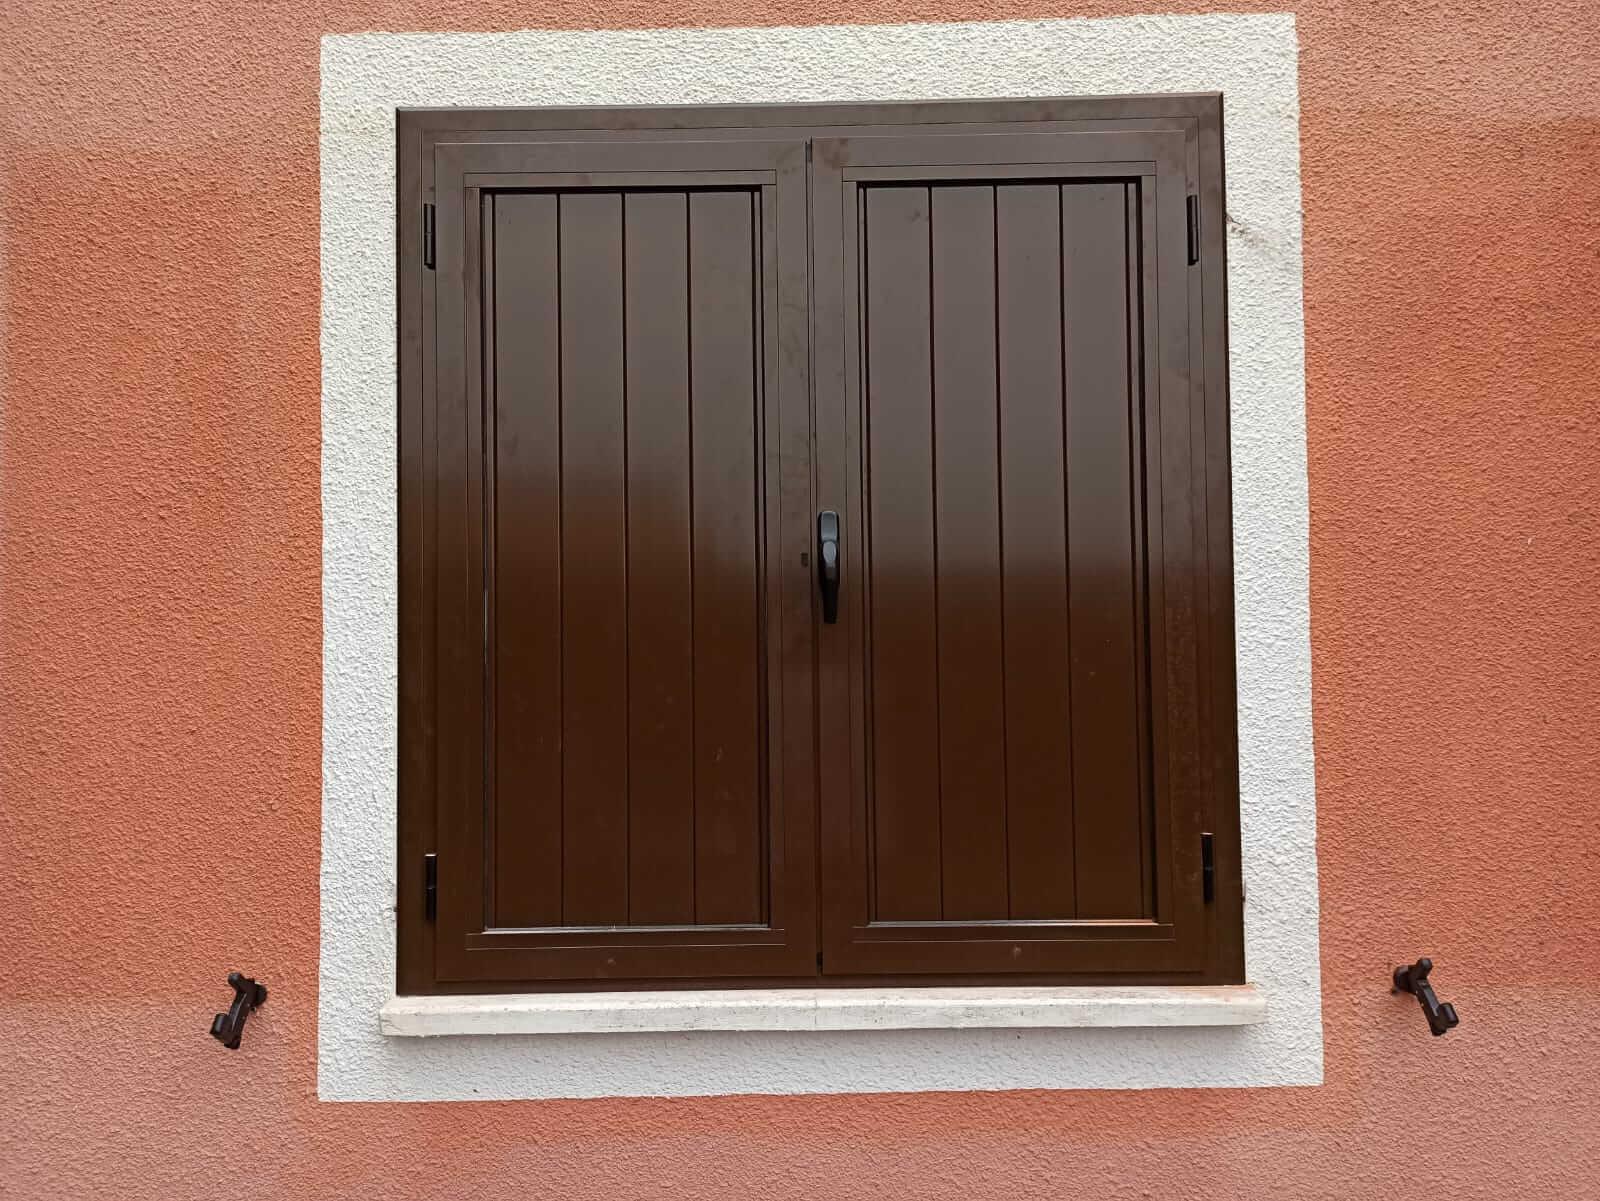 Contraventana de madera marrón de dos hojas, cerrada, vista desde el exterior de la vivienda.